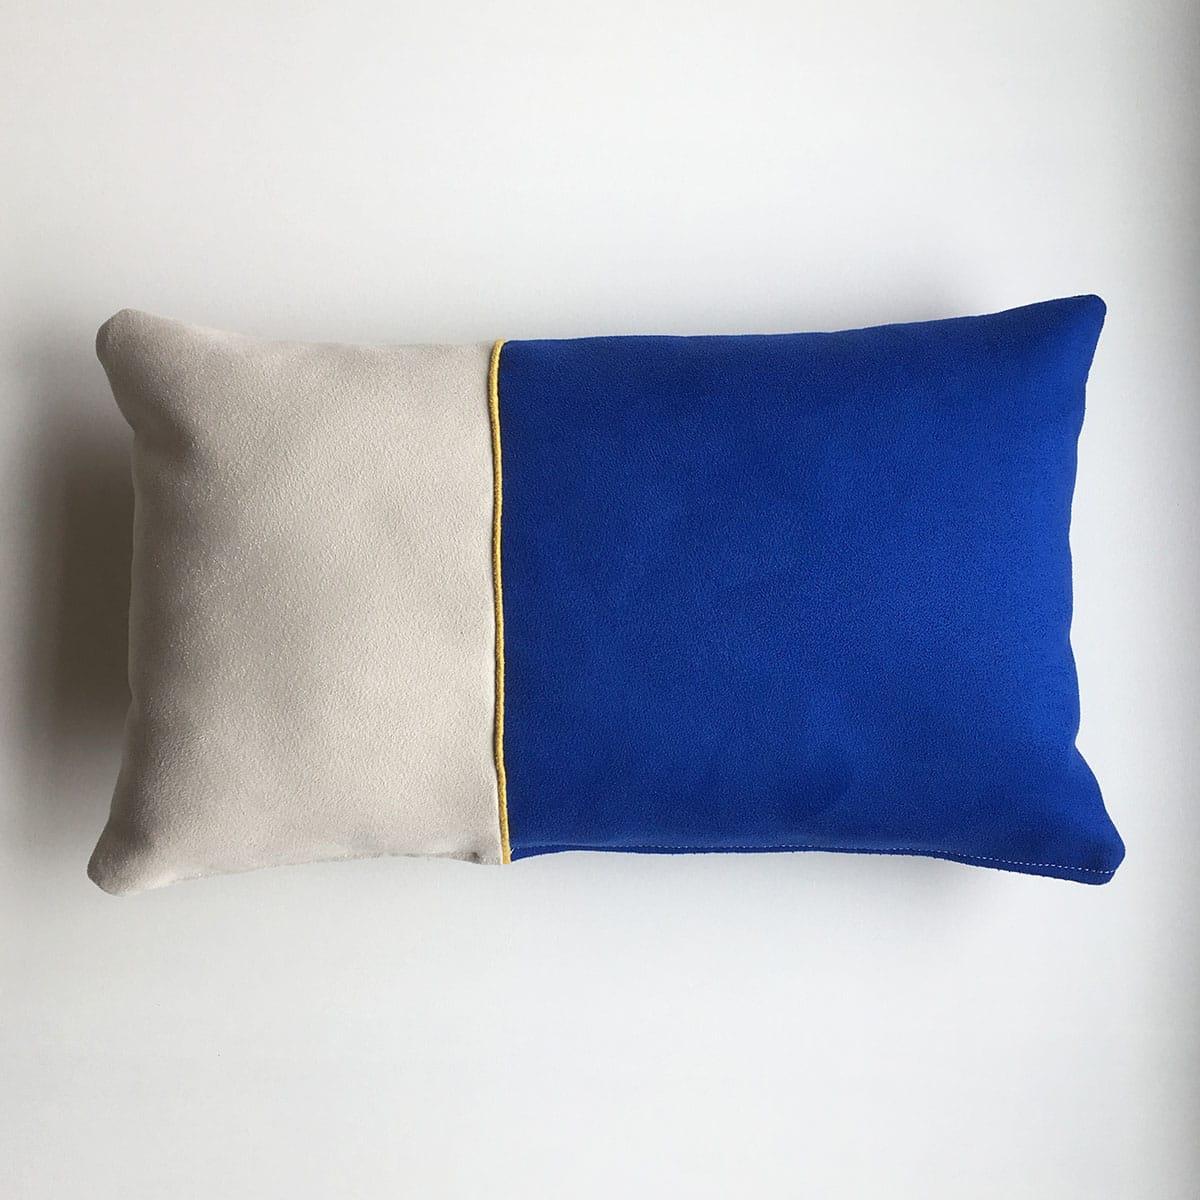 fijne streep wit - geel - blauw